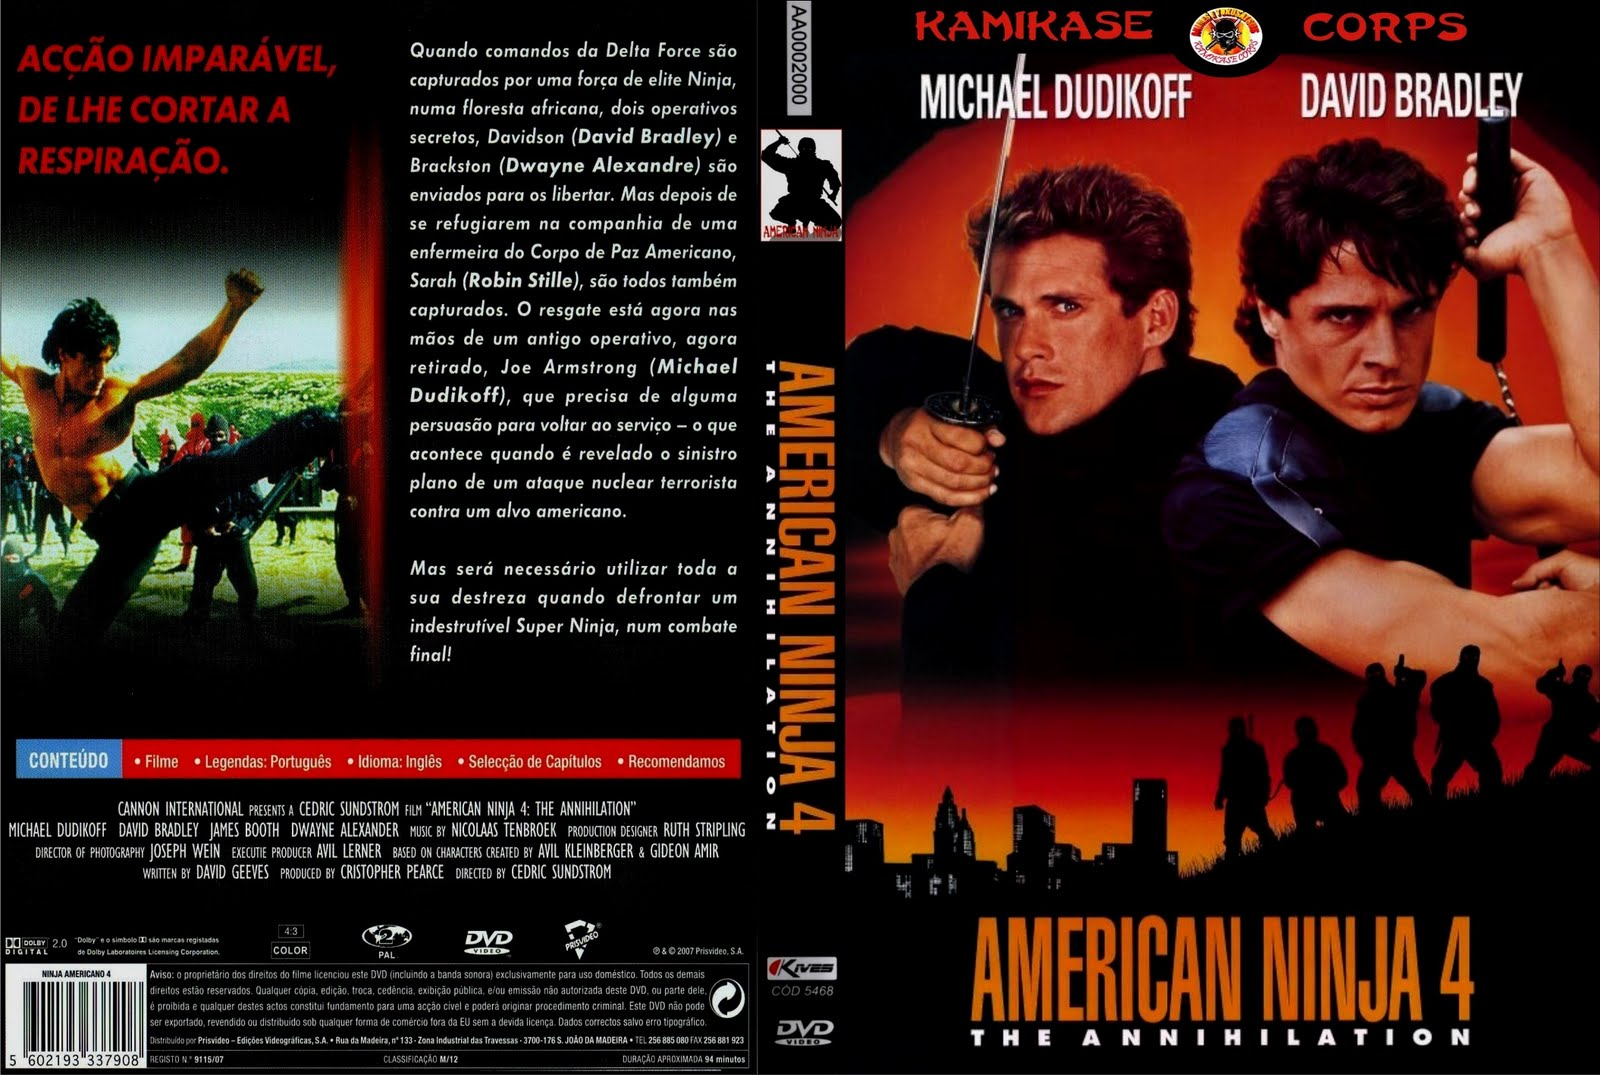 american ninja 4 movie